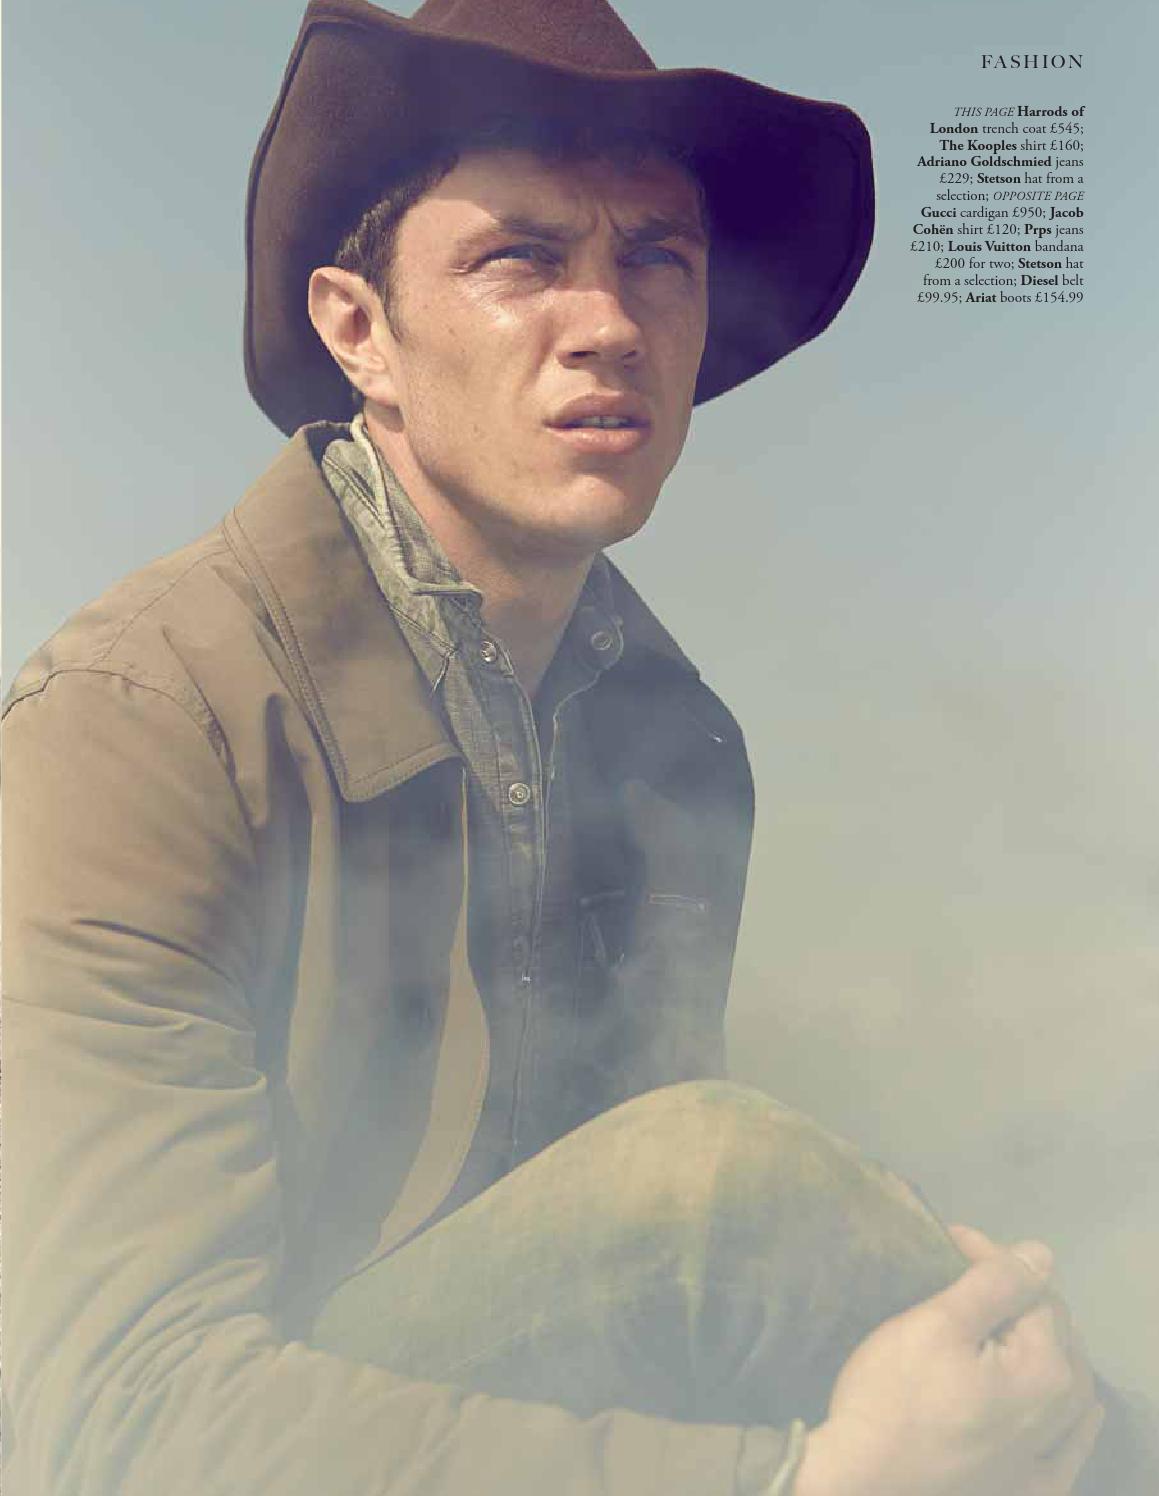 Gavin Jones + Cristiano Basso Play Cowboys for Harrods Magazine